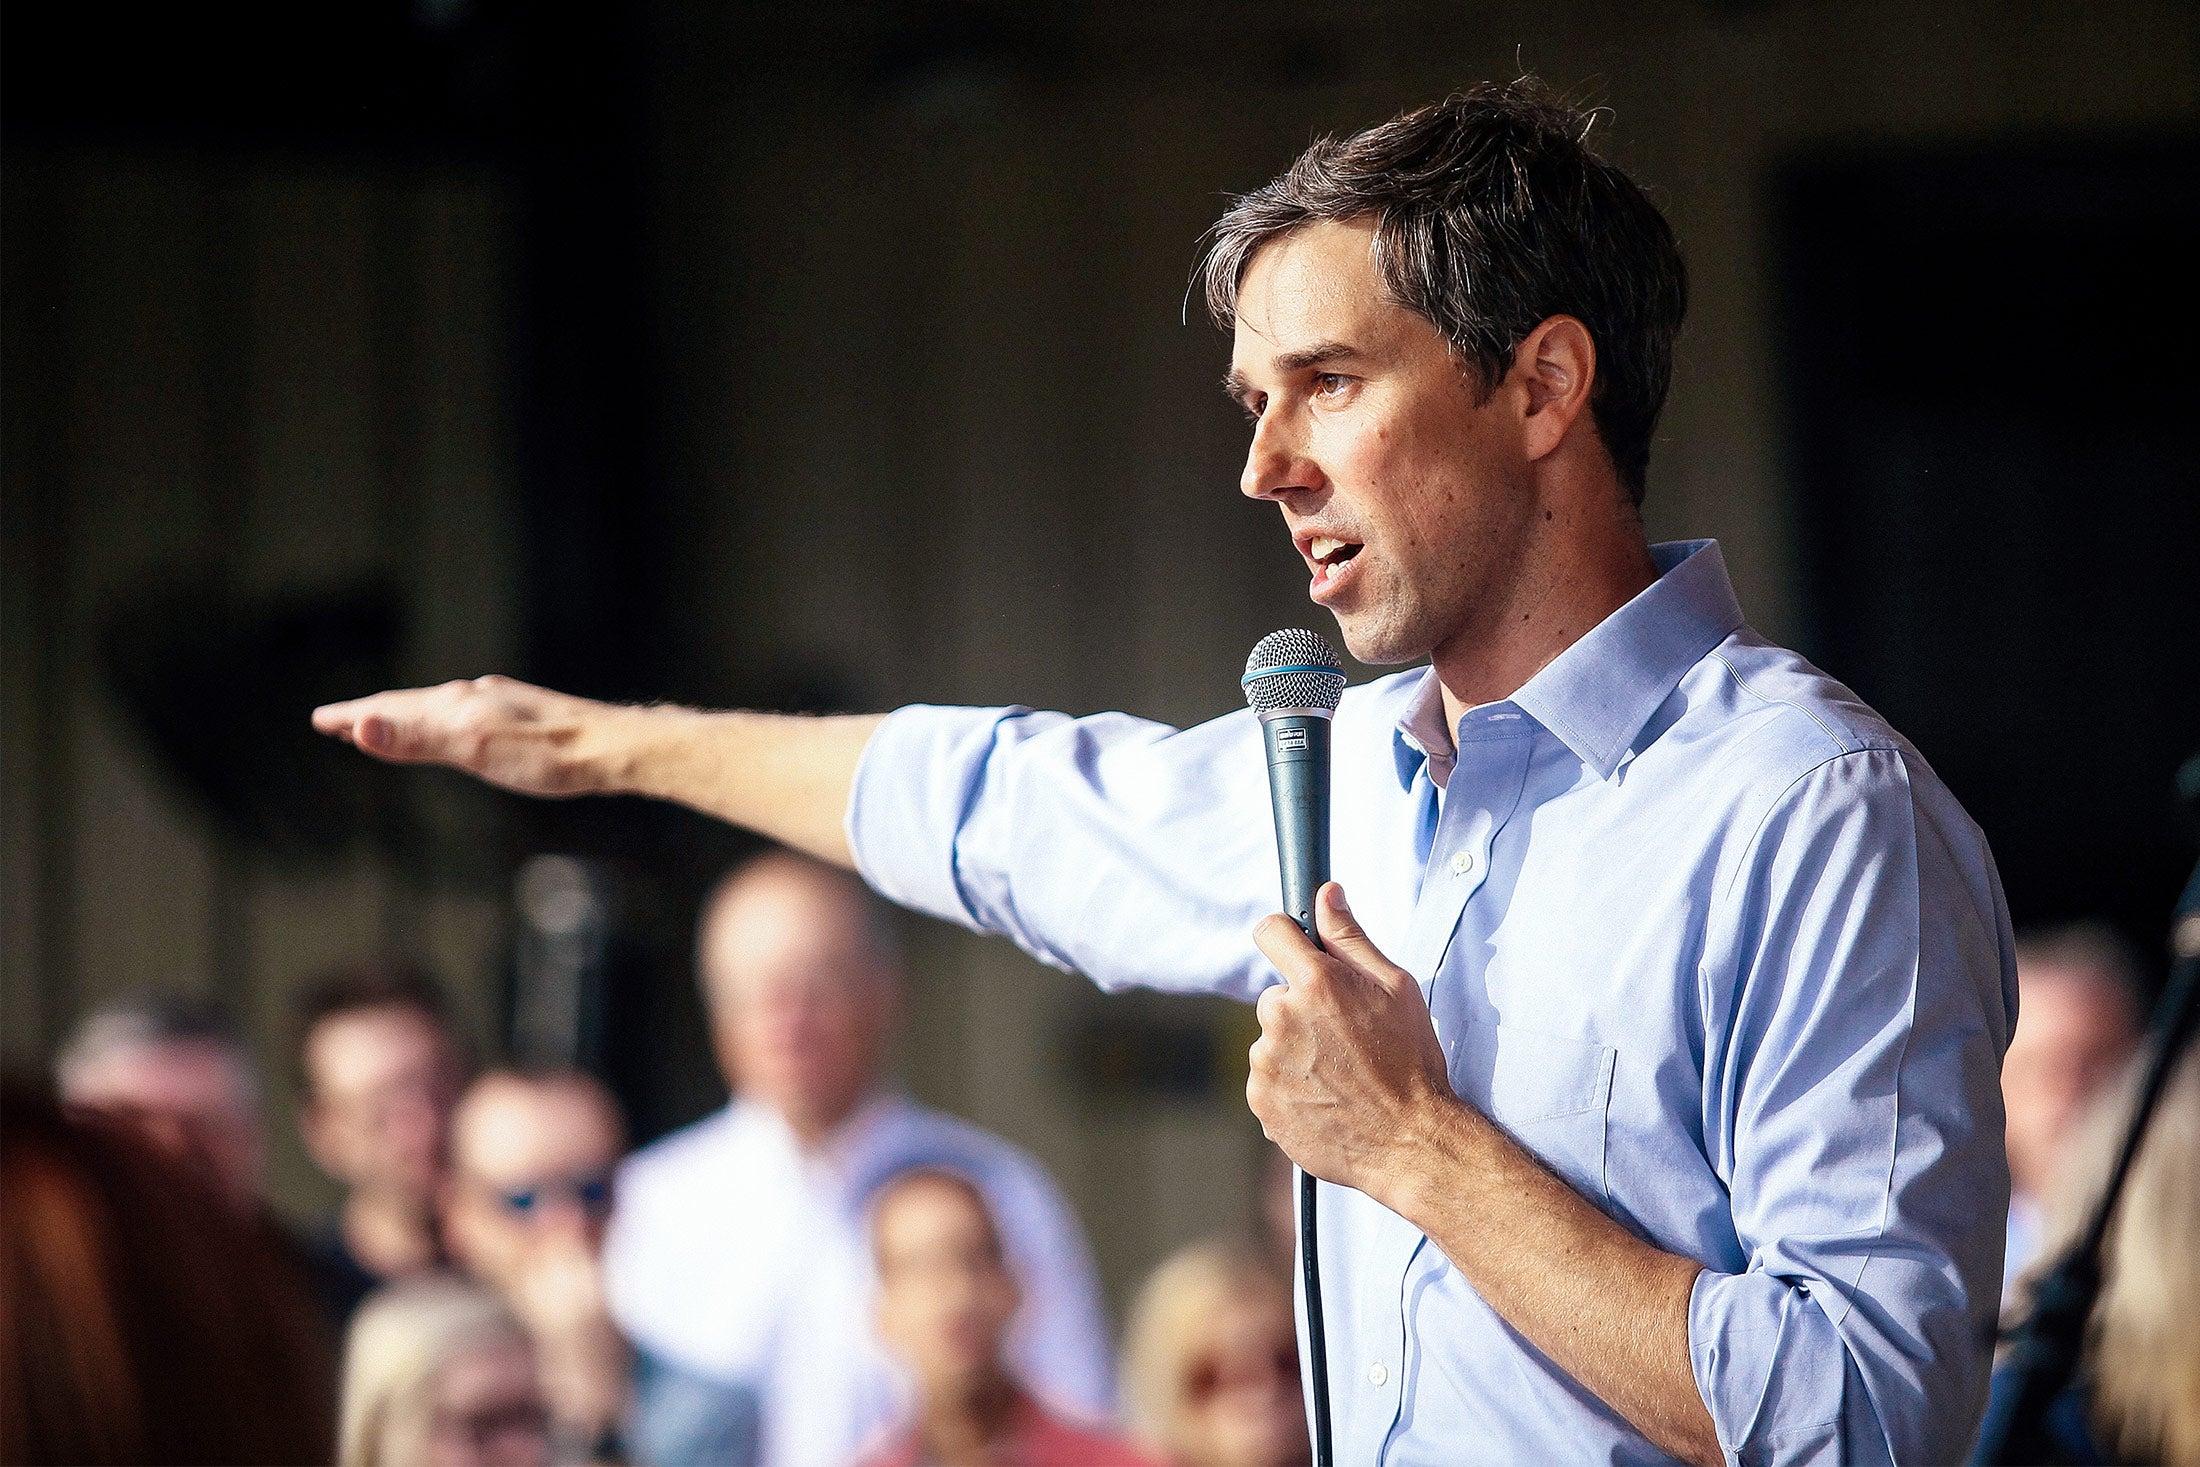 U.S. Rep. Beto O'Rourke campaigns in Houston.